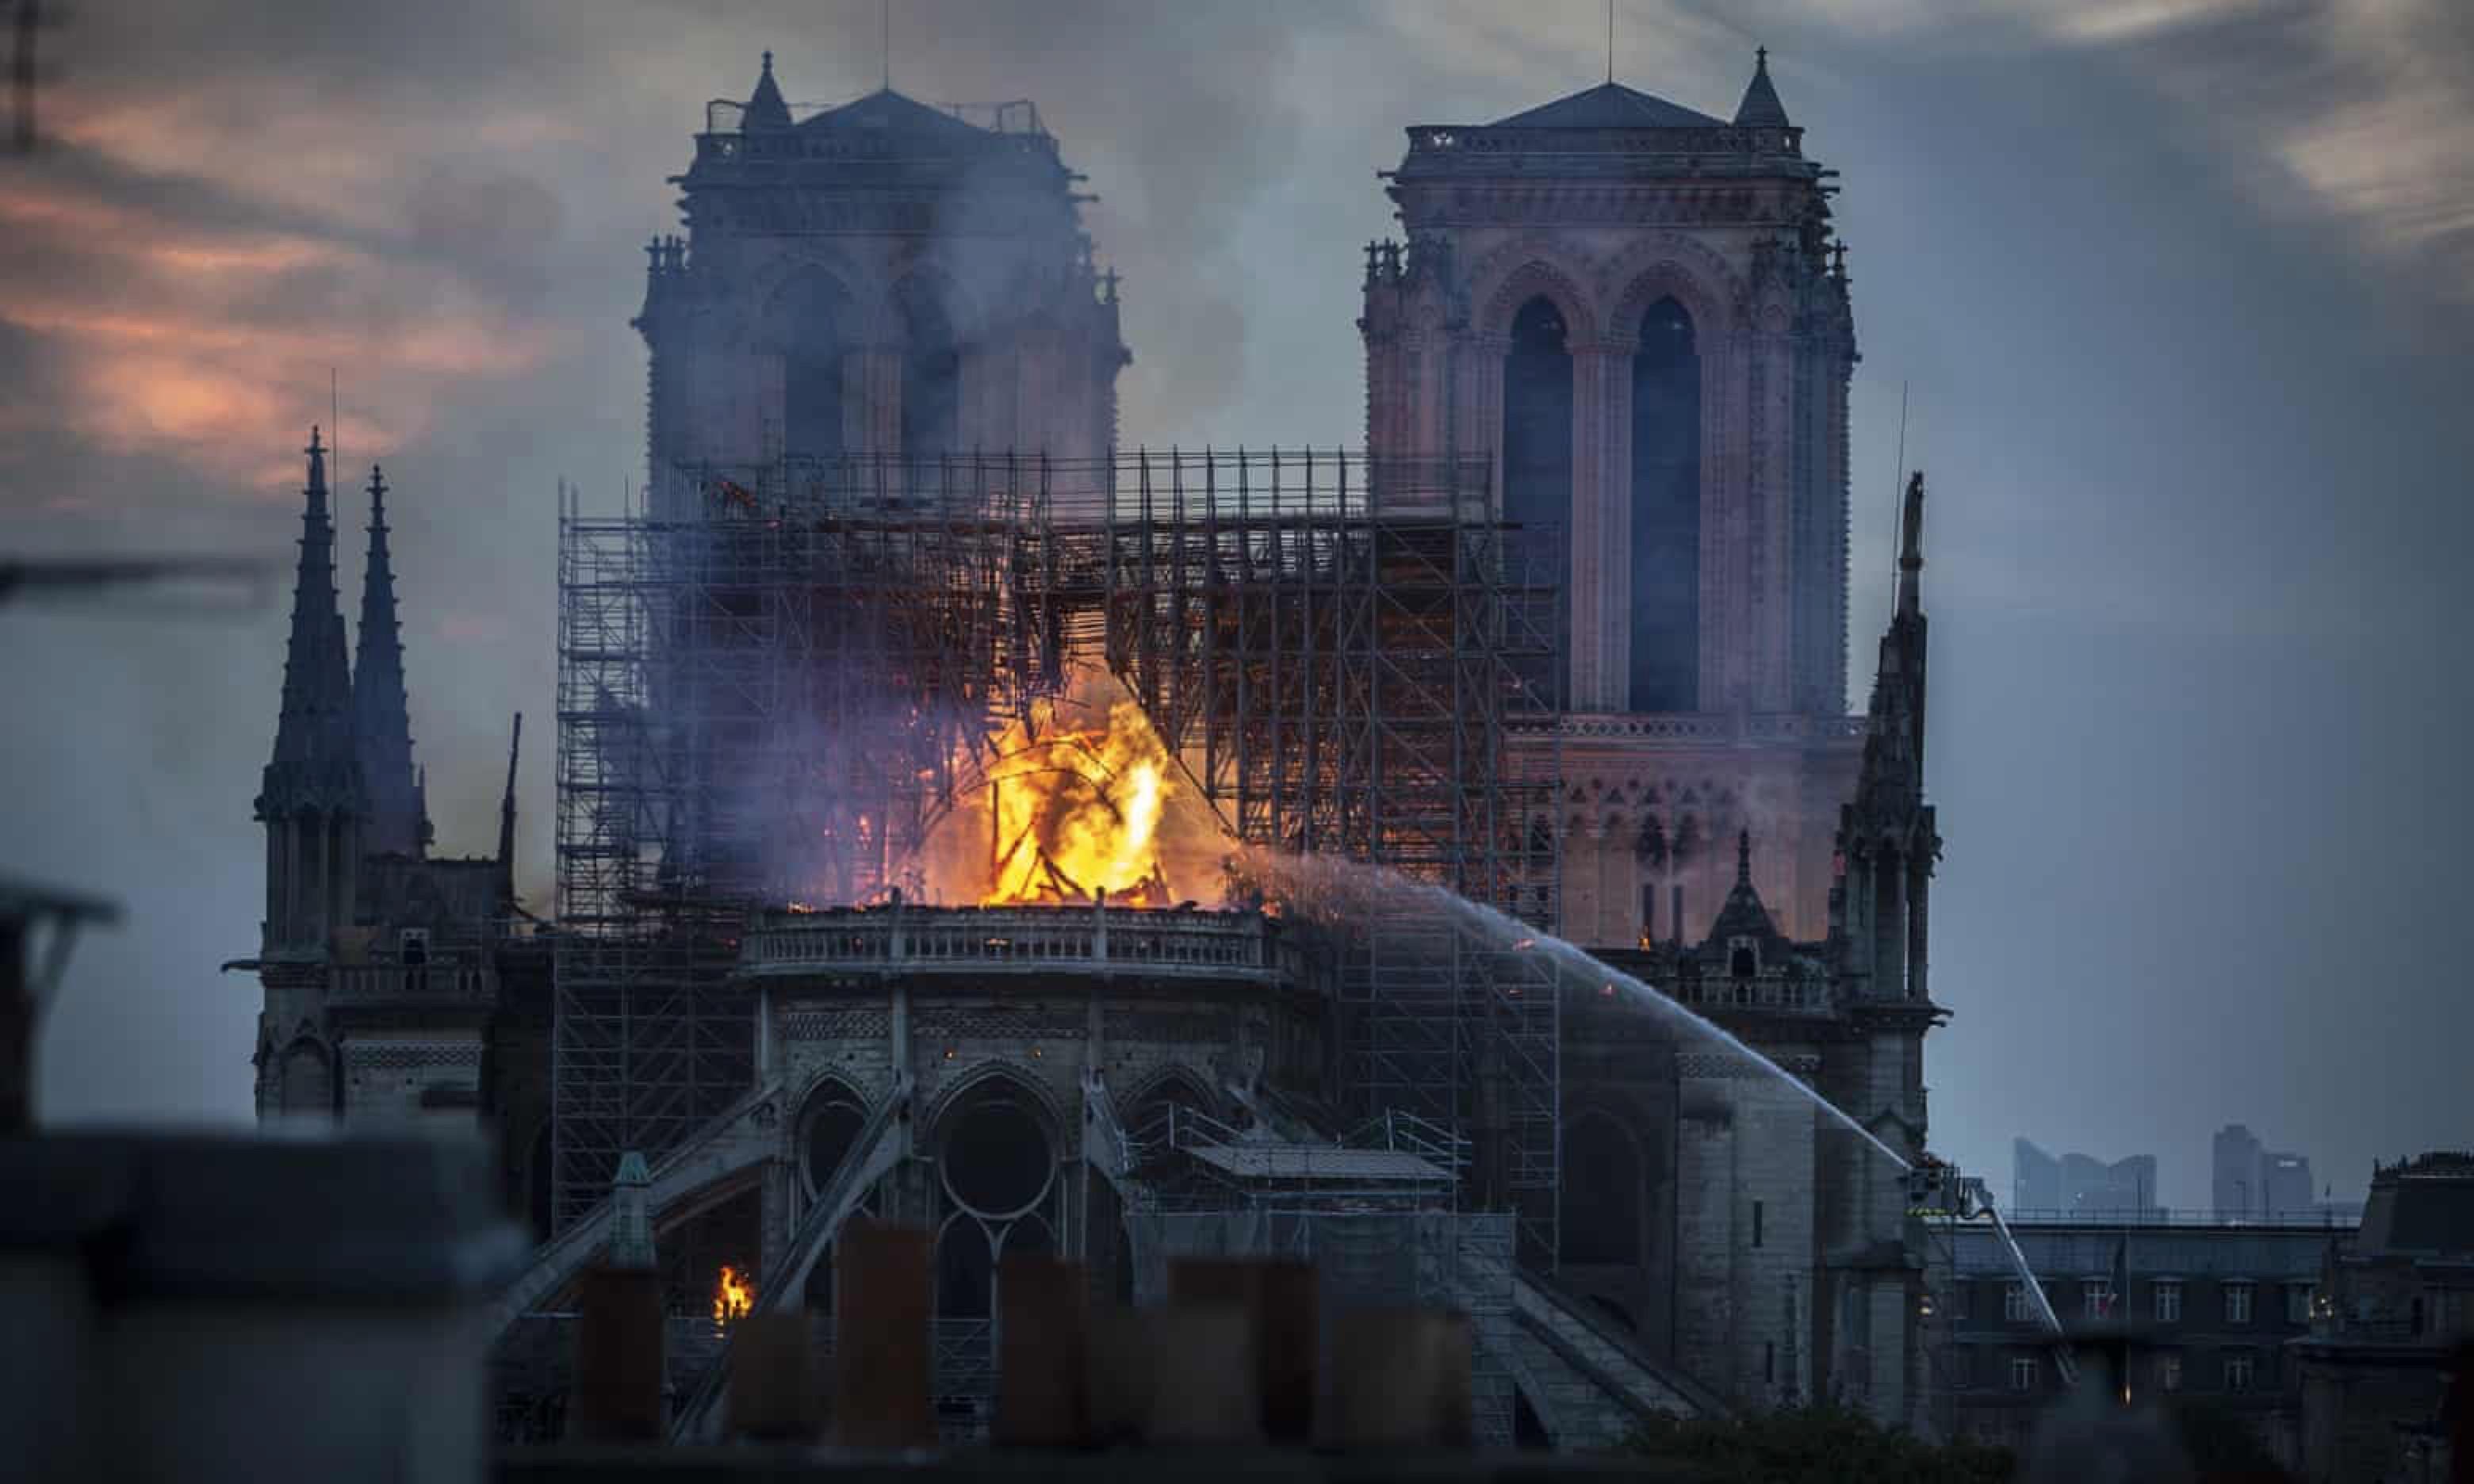 巴黎圣母院拥有850年历史遇遭大火表示惋惜